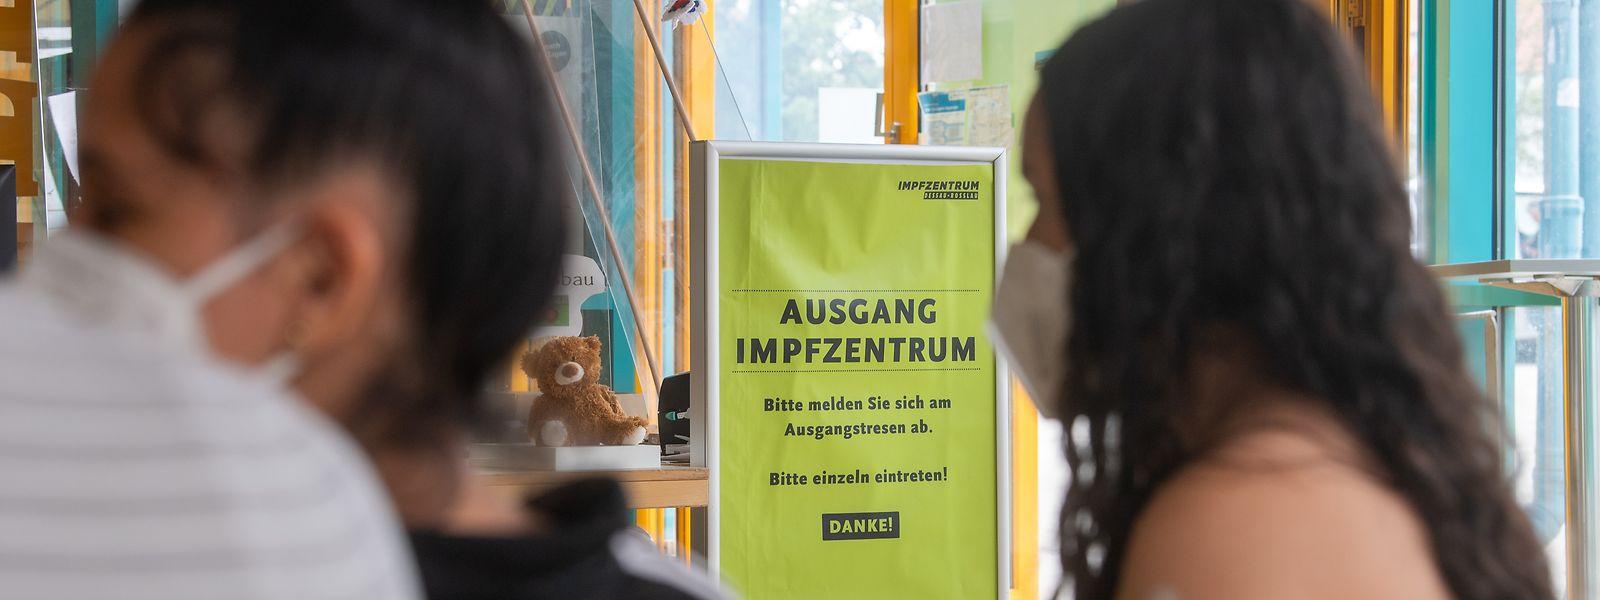 Ein 14-jähriges Mädchen wartet nach seiner Impfung gemeinsam mit den Eltern im Impfzentrum in Dessau-Roßlau in Sachsen-Anhalt.